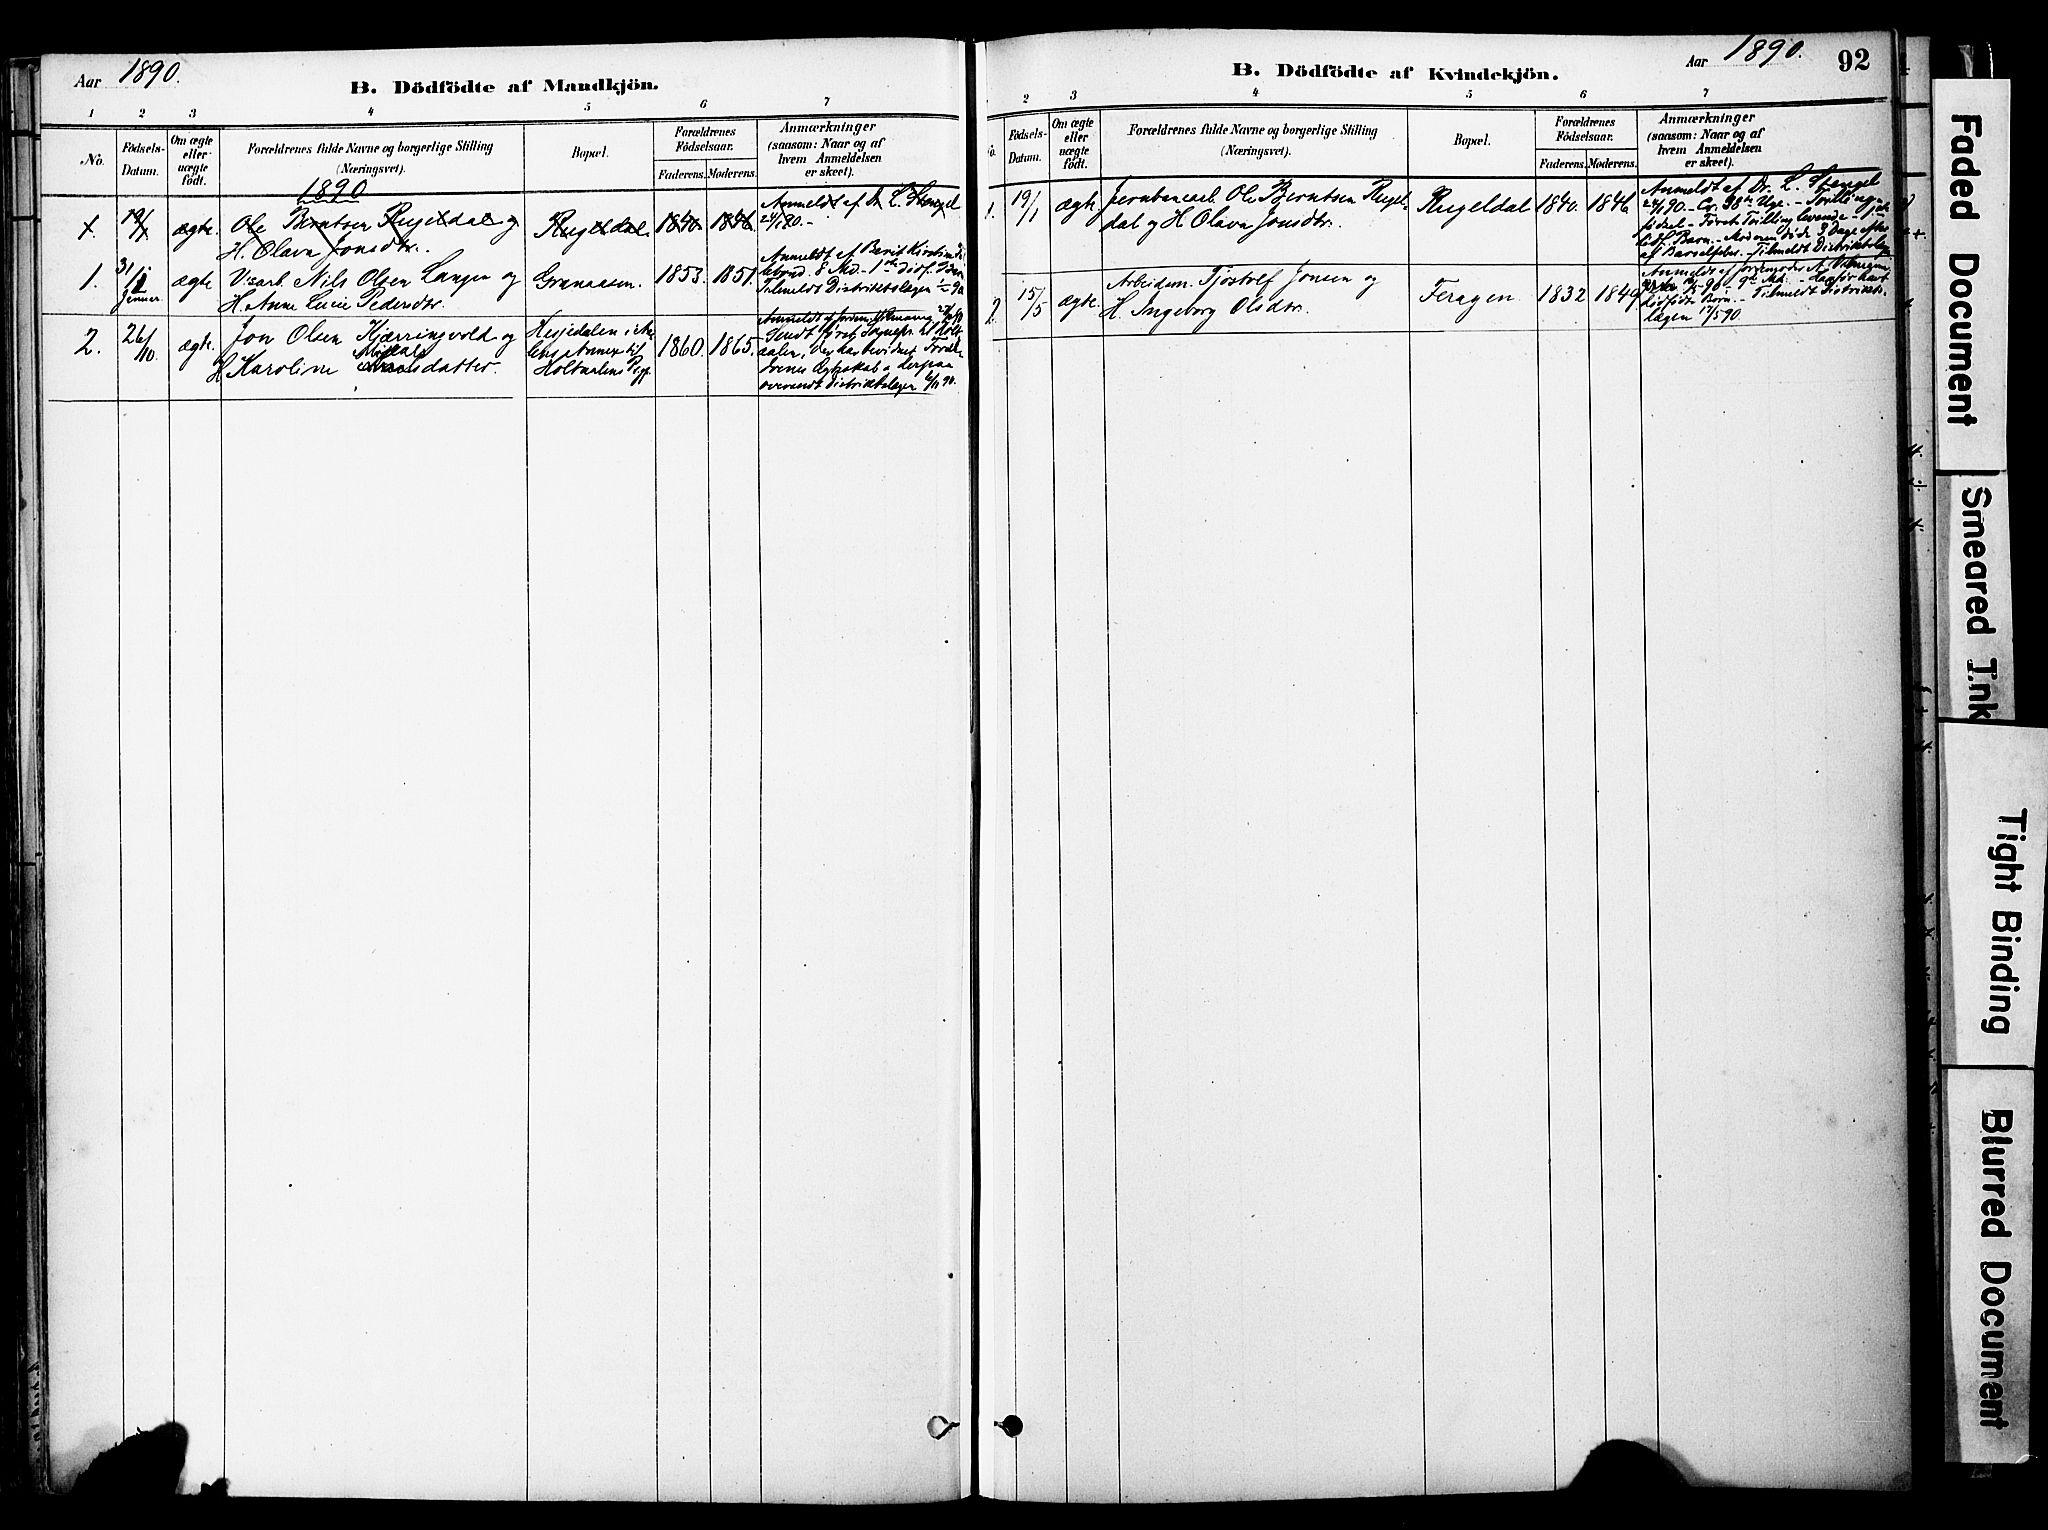 SAT, Ministerialprotokoller, klokkerbøker og fødselsregistre - Sør-Trøndelag, 681/L0933: Ministerialbok nr. 681A11, 1879-1890, s. 92